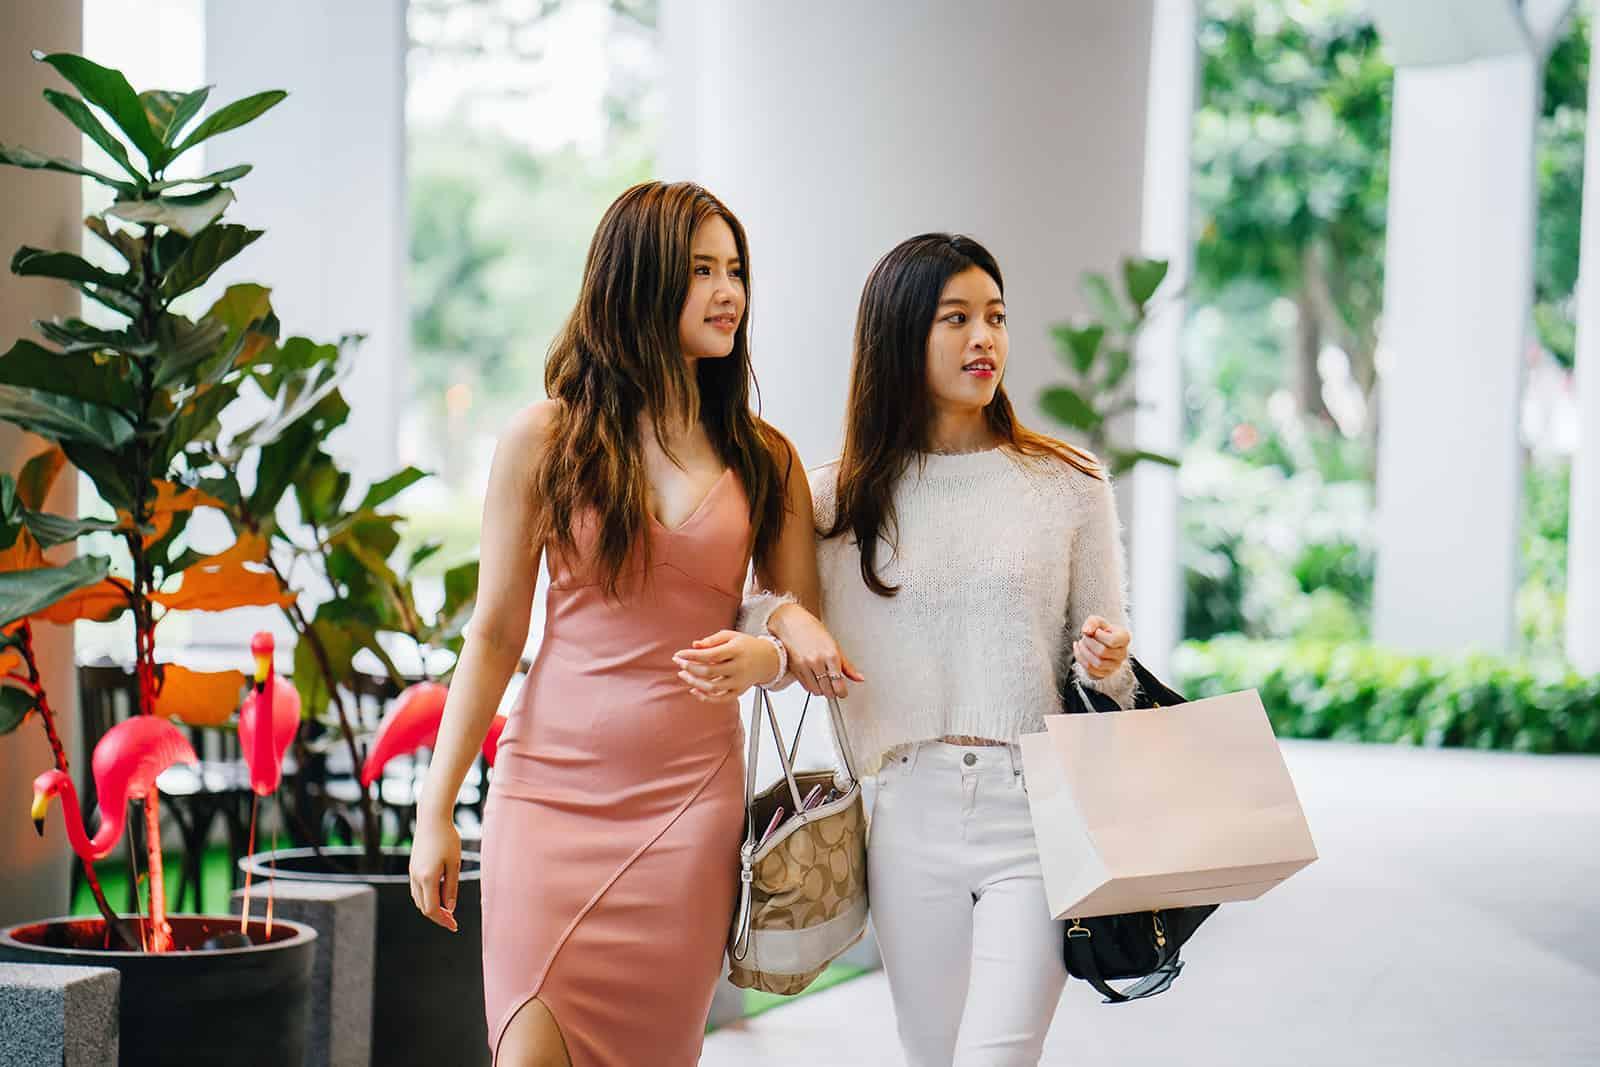 zwei Freundinnen, die beim gemeinsamen Einkaufen nebeneinander gehen